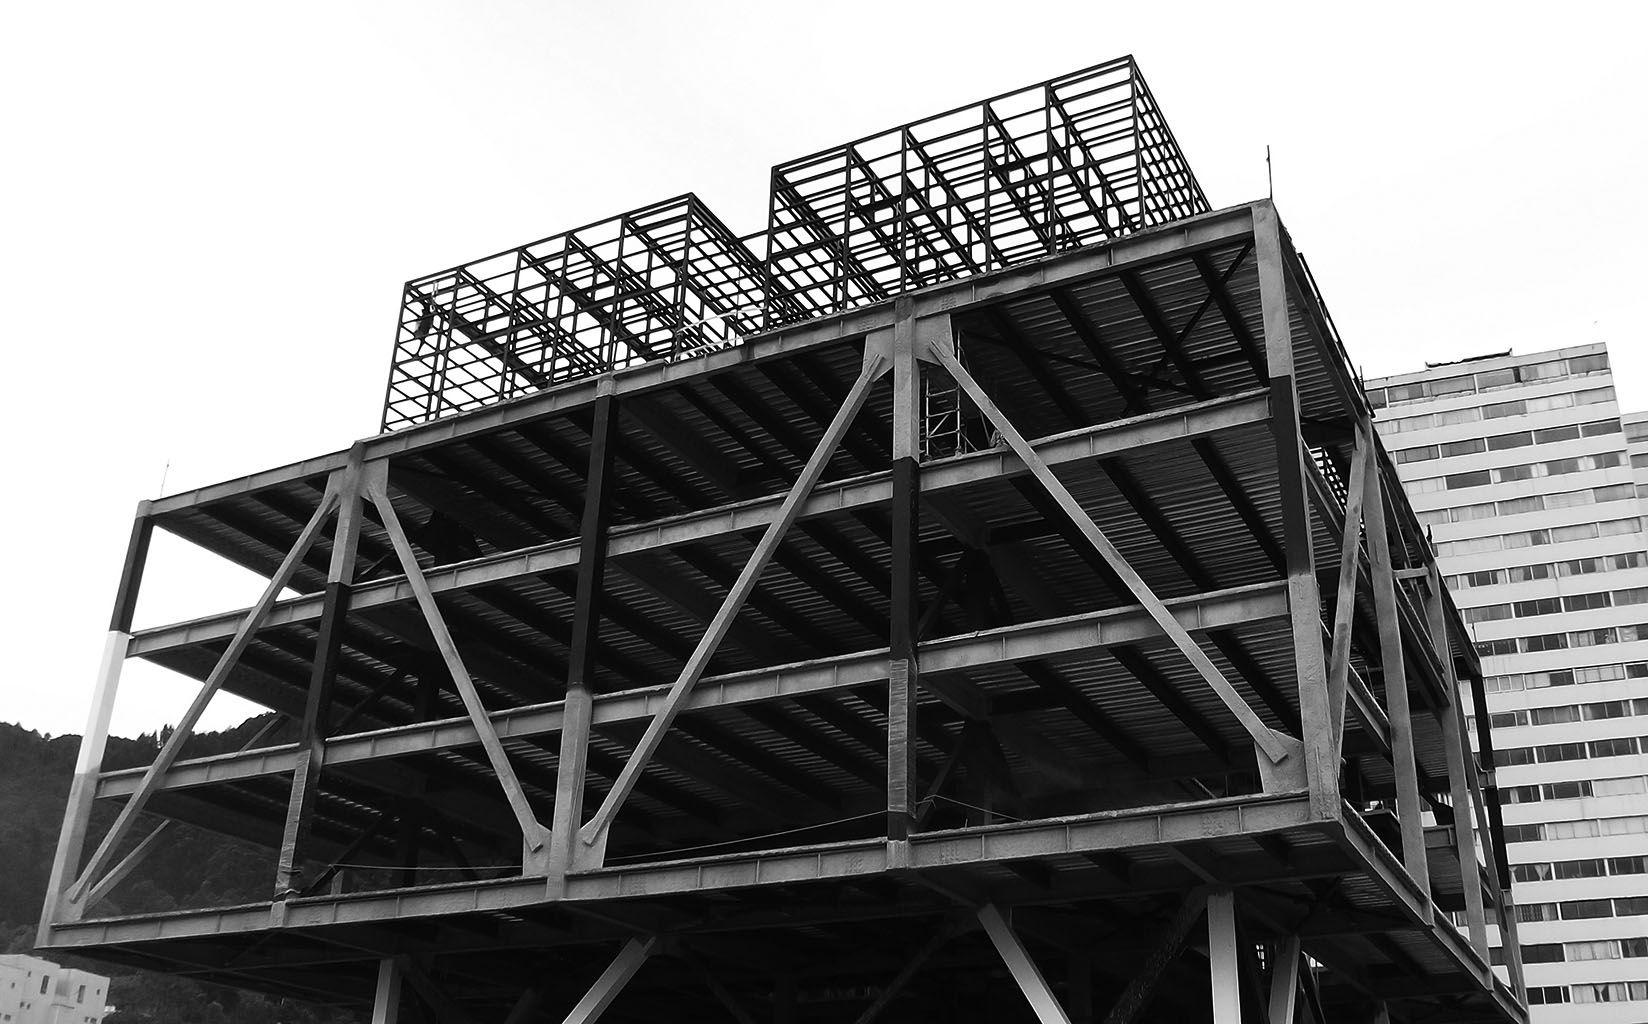 estructuras metálicas-estahl | JLPPa Estructuras | Pinterest | Acero